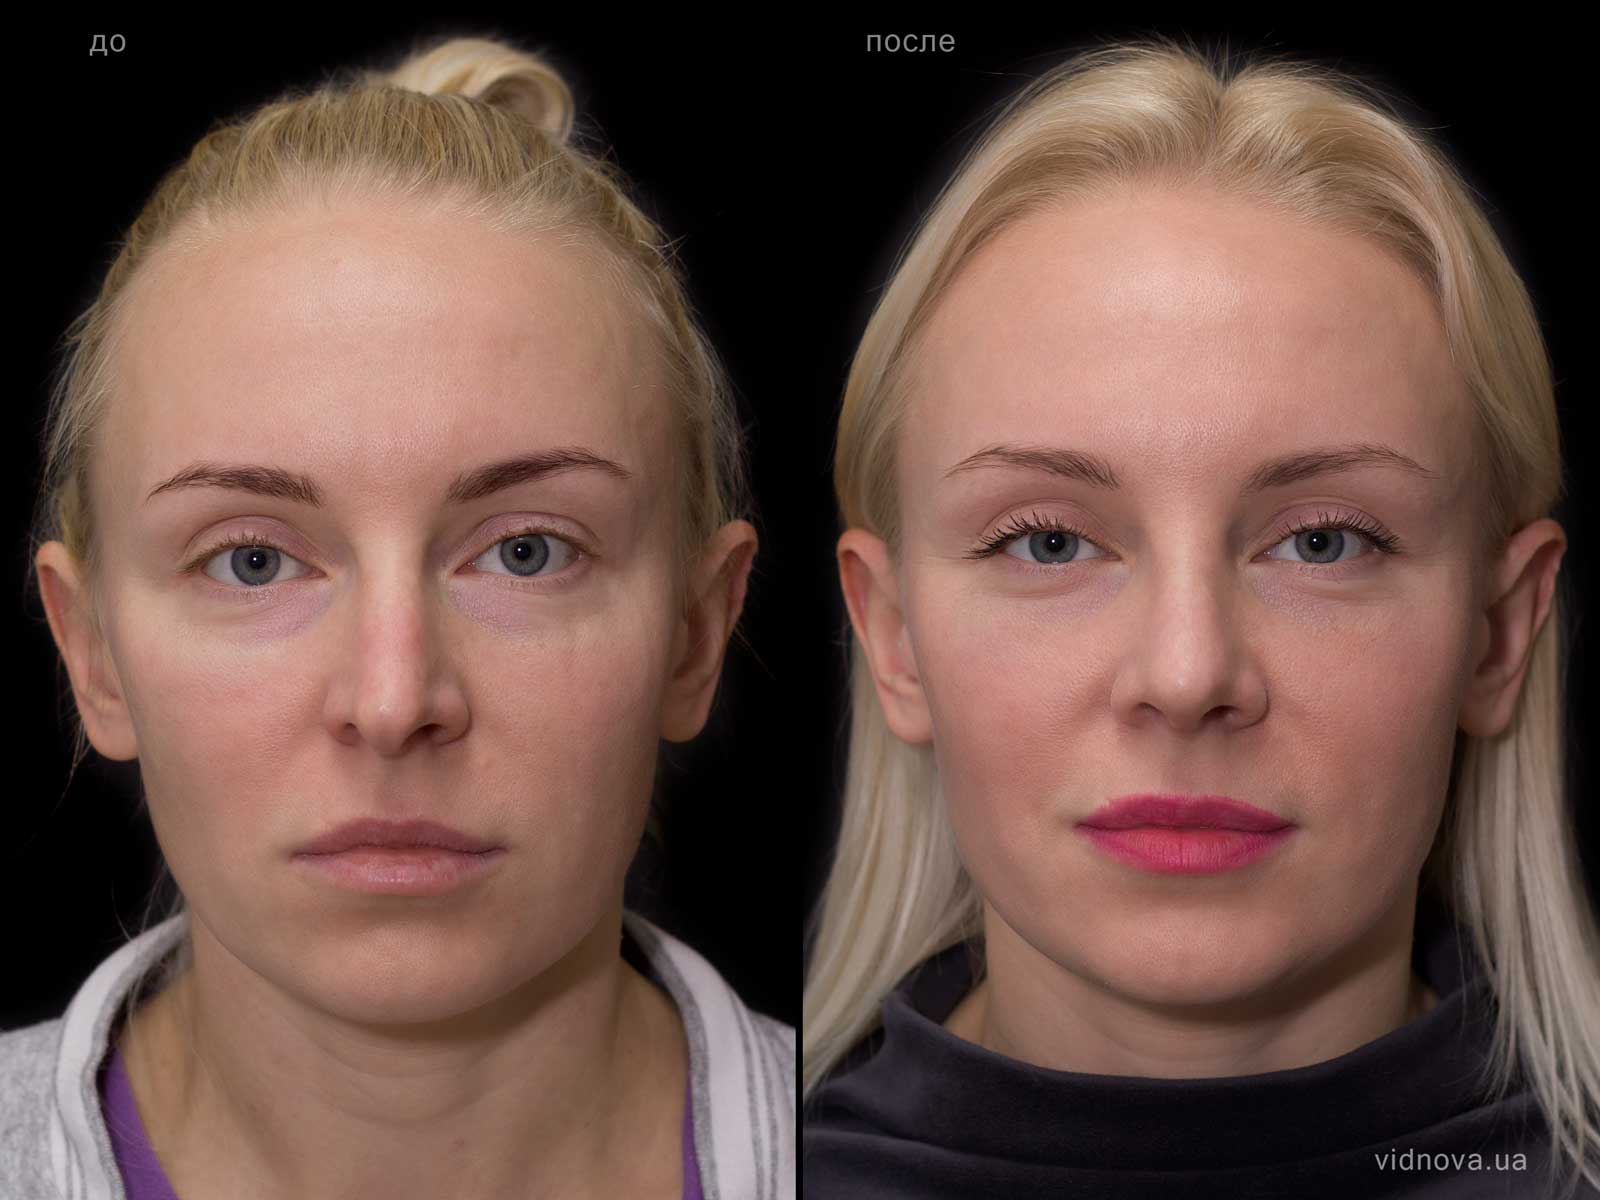 Пластика лица: результаты до и после